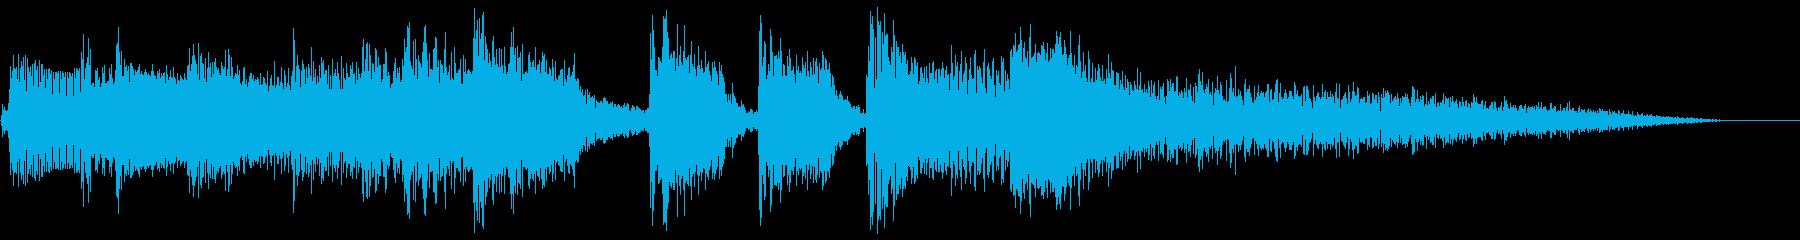 アコギ主体の穏やかなジングルの再生済みの波形